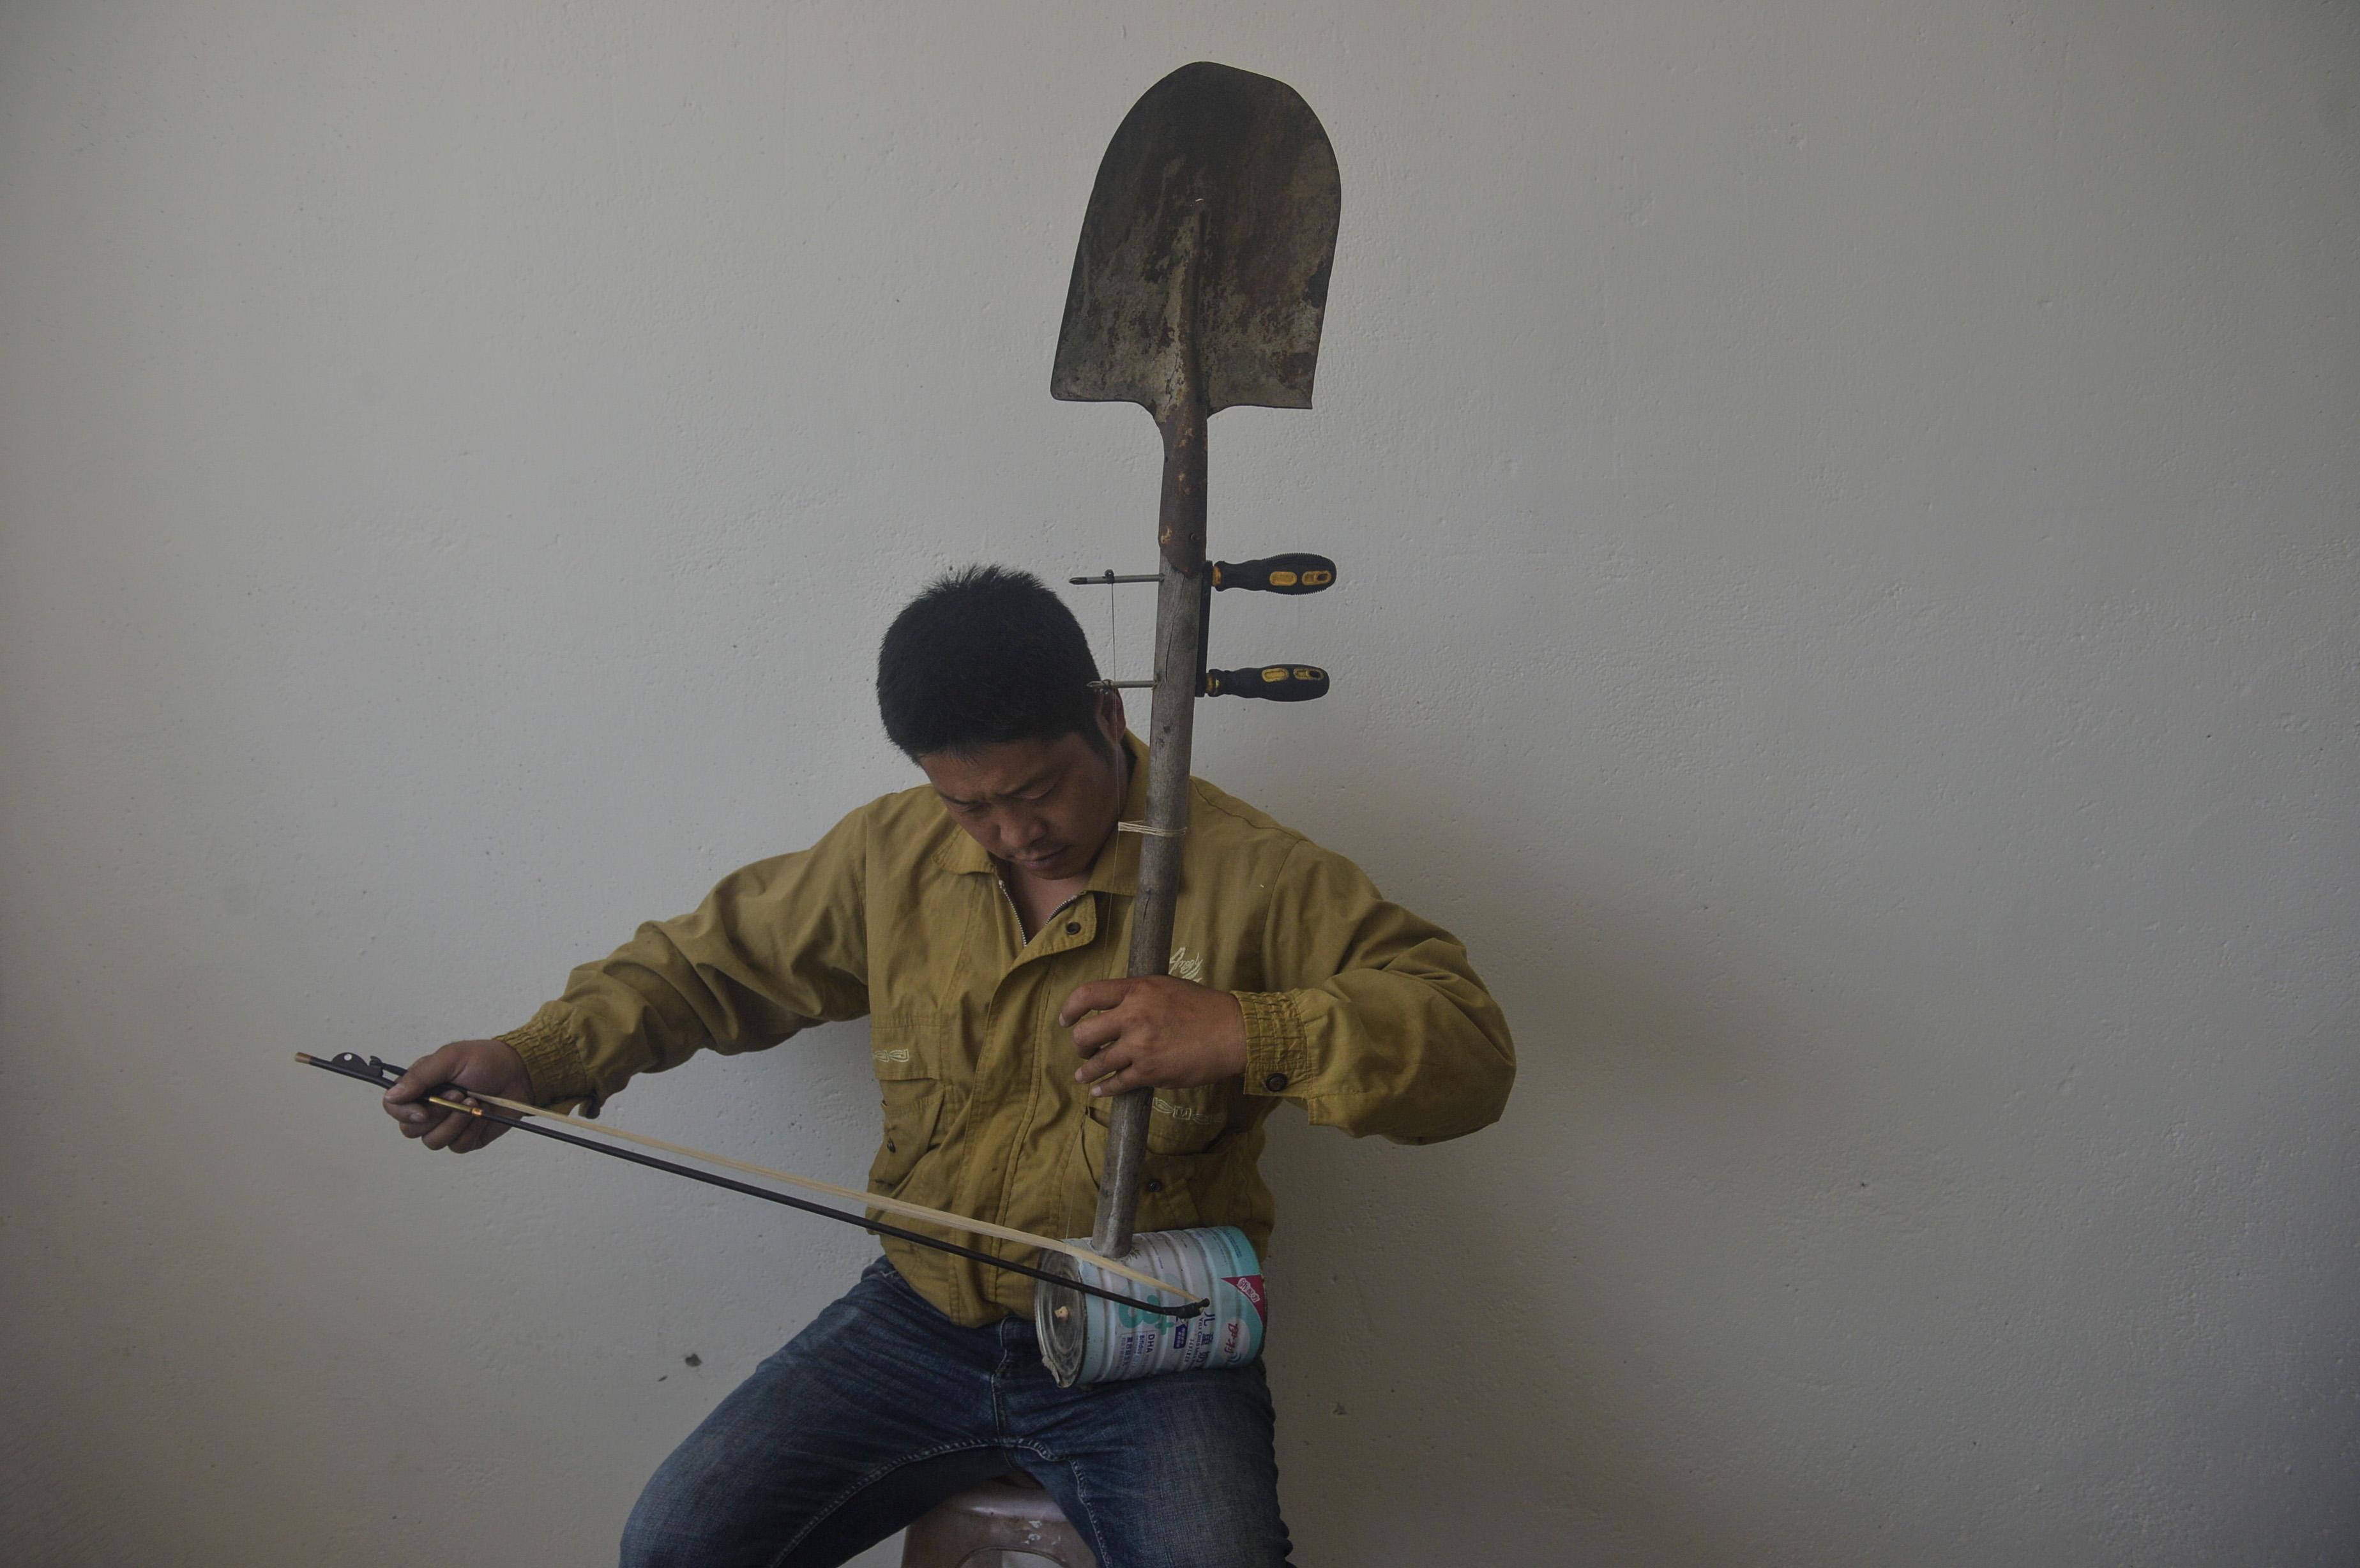 艺术源于生活 农民用铁锹演奏经典名曲